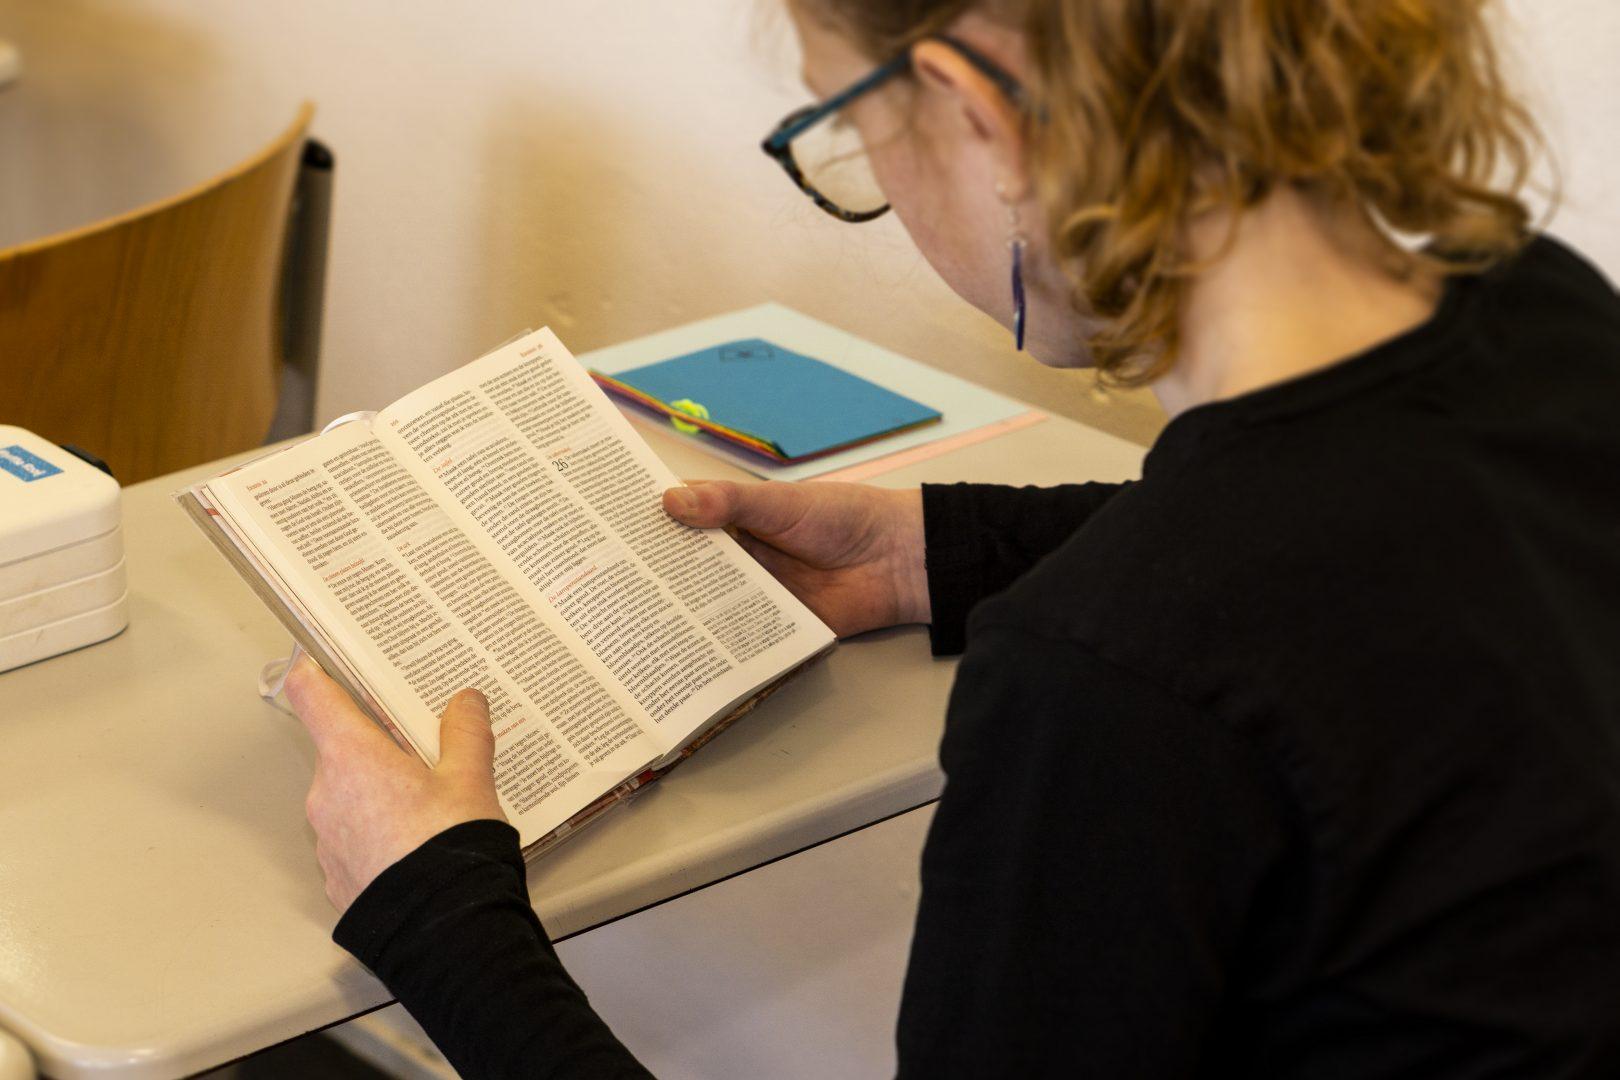 Groep 8 Meisje leest bijbel